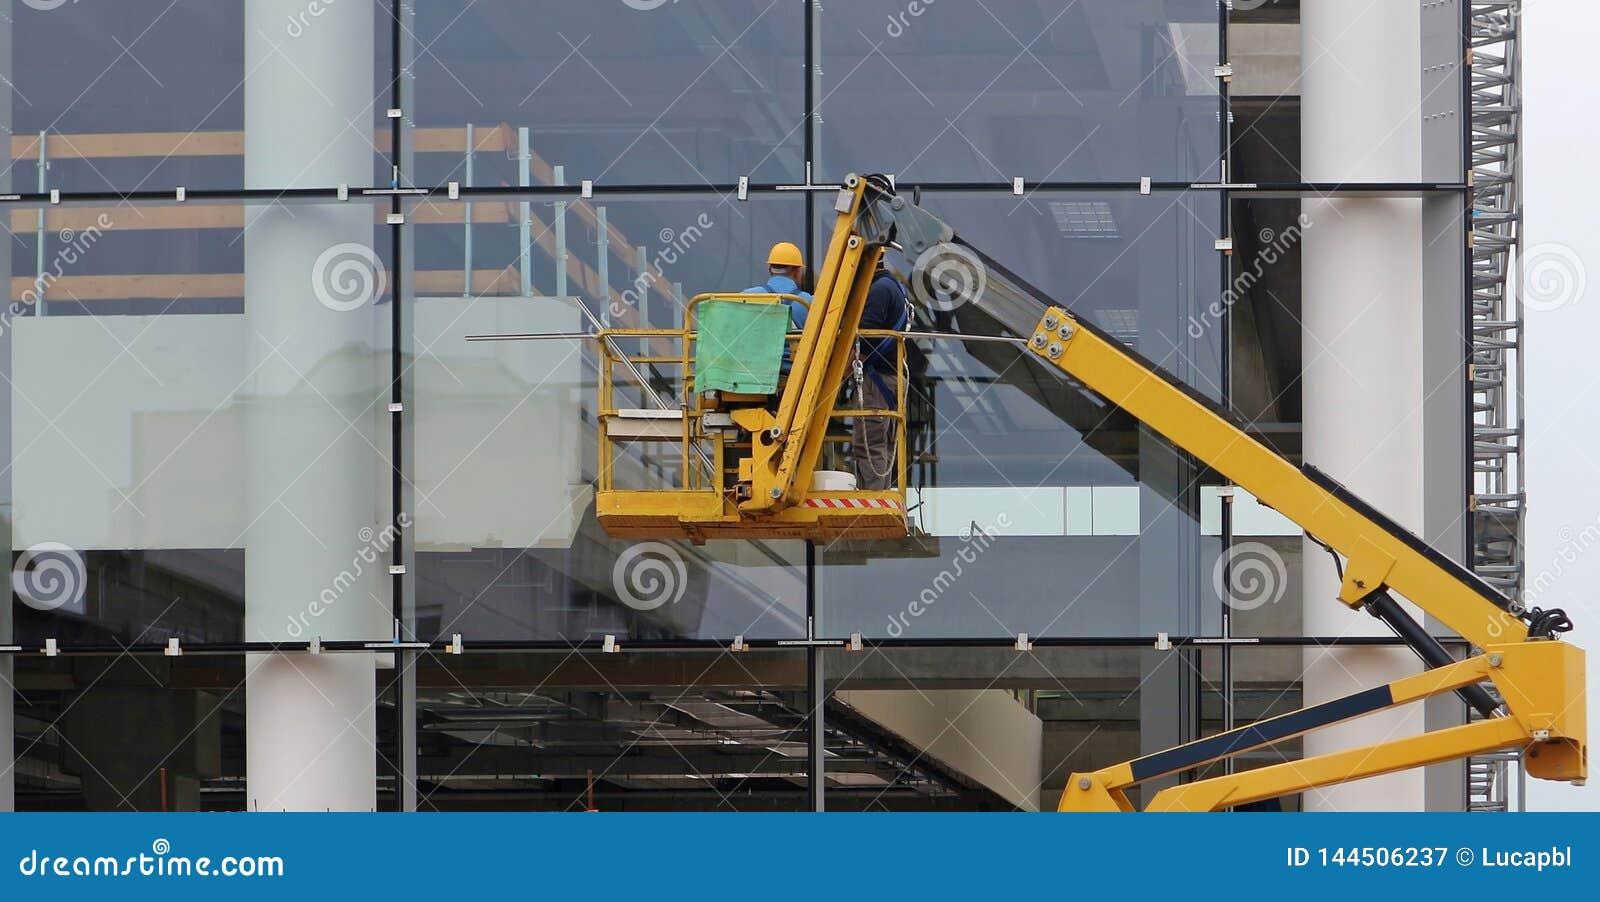 Εργαζόμενοι σε μια συλλεκτική μηχανή κερασιών Τελειώνουν την πρόσοψη γυαλιού ενός κτηρίου κάτω από την ανακαίνιση